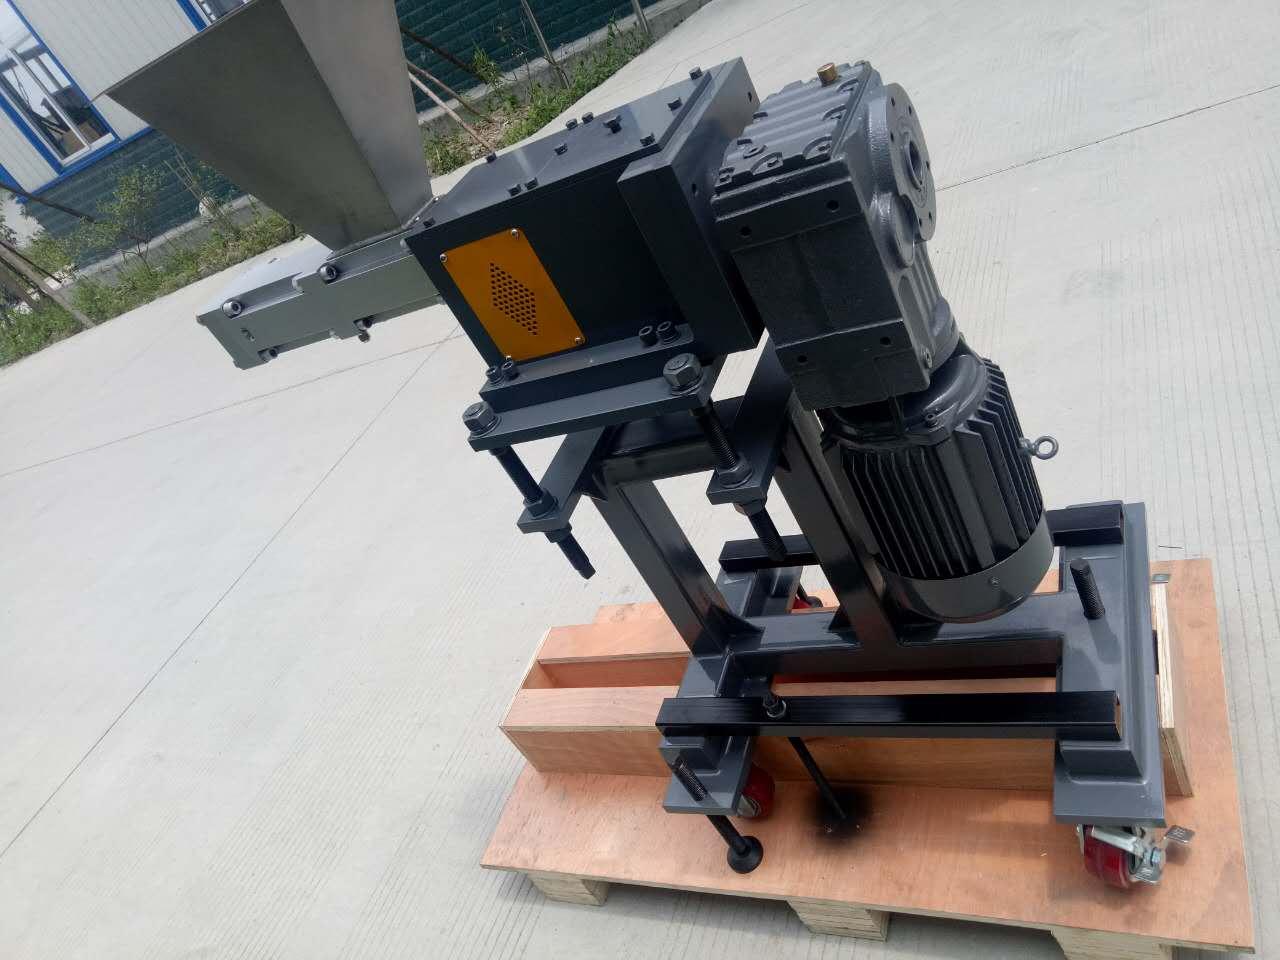 青岛塑料展:江宁机械将重磅出展